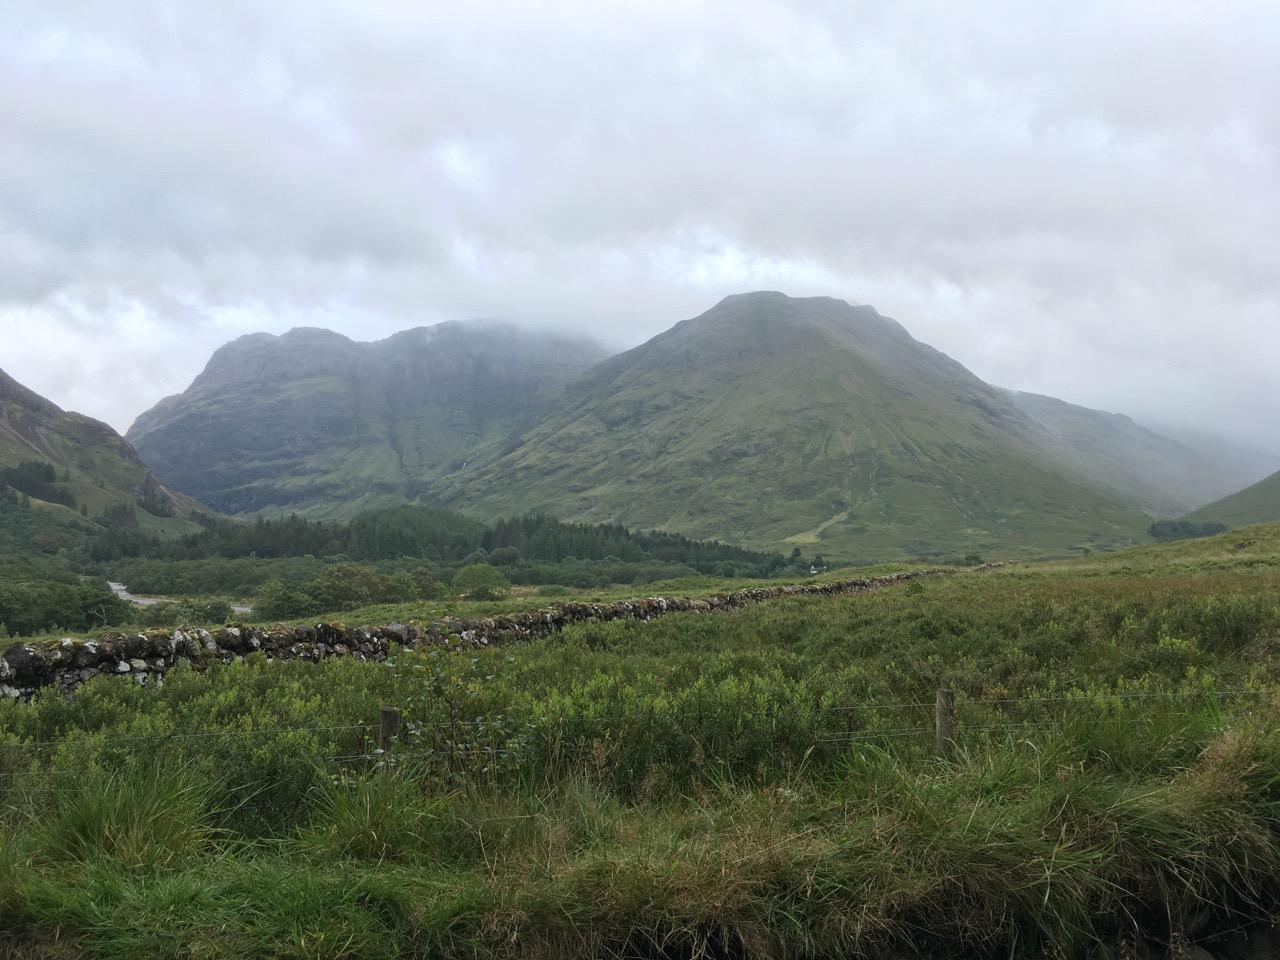 游客中心背后的山景色一般,下着雨,被淋透了